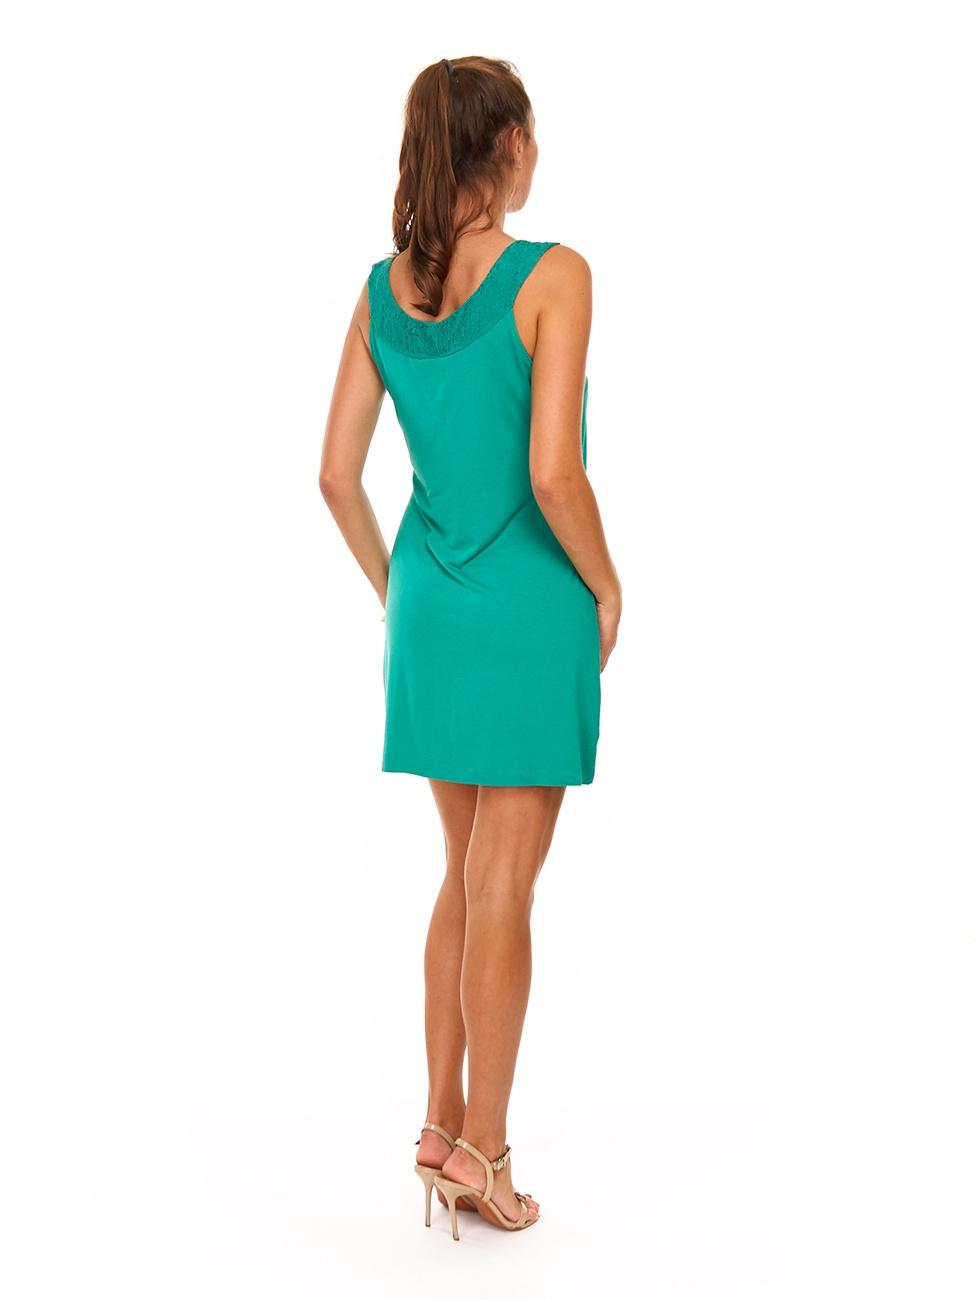 Легкое летнее платье Selection by S.Oliver размер 38 на наш 44-46 красивого зеленого цвета